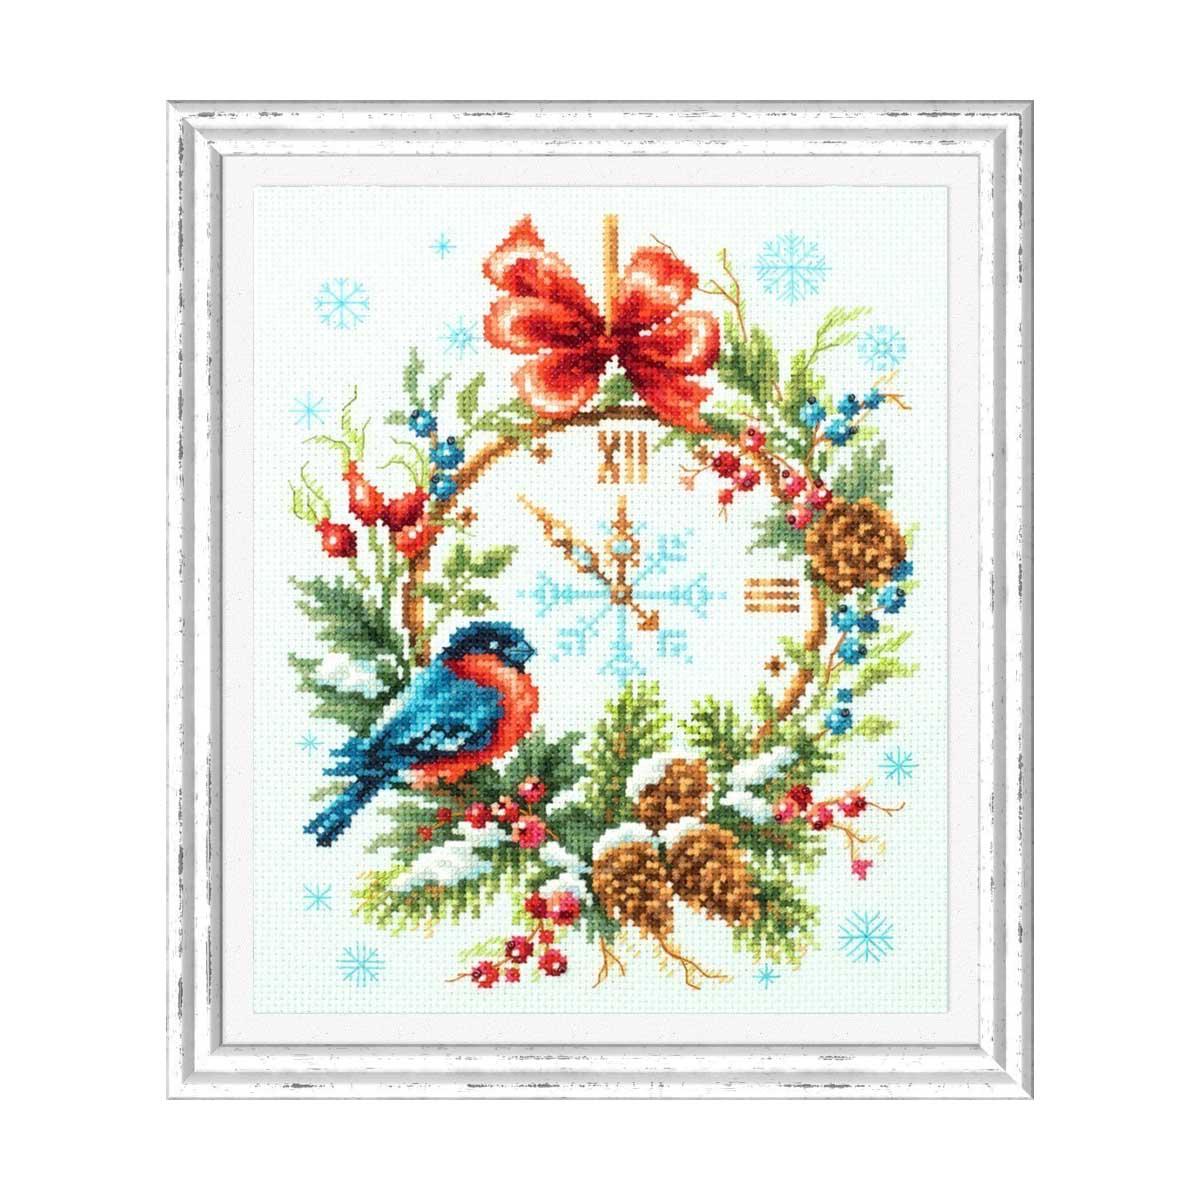 100-243 Набор для вышивания Чудесная игла 'Время Рождества'17х22см